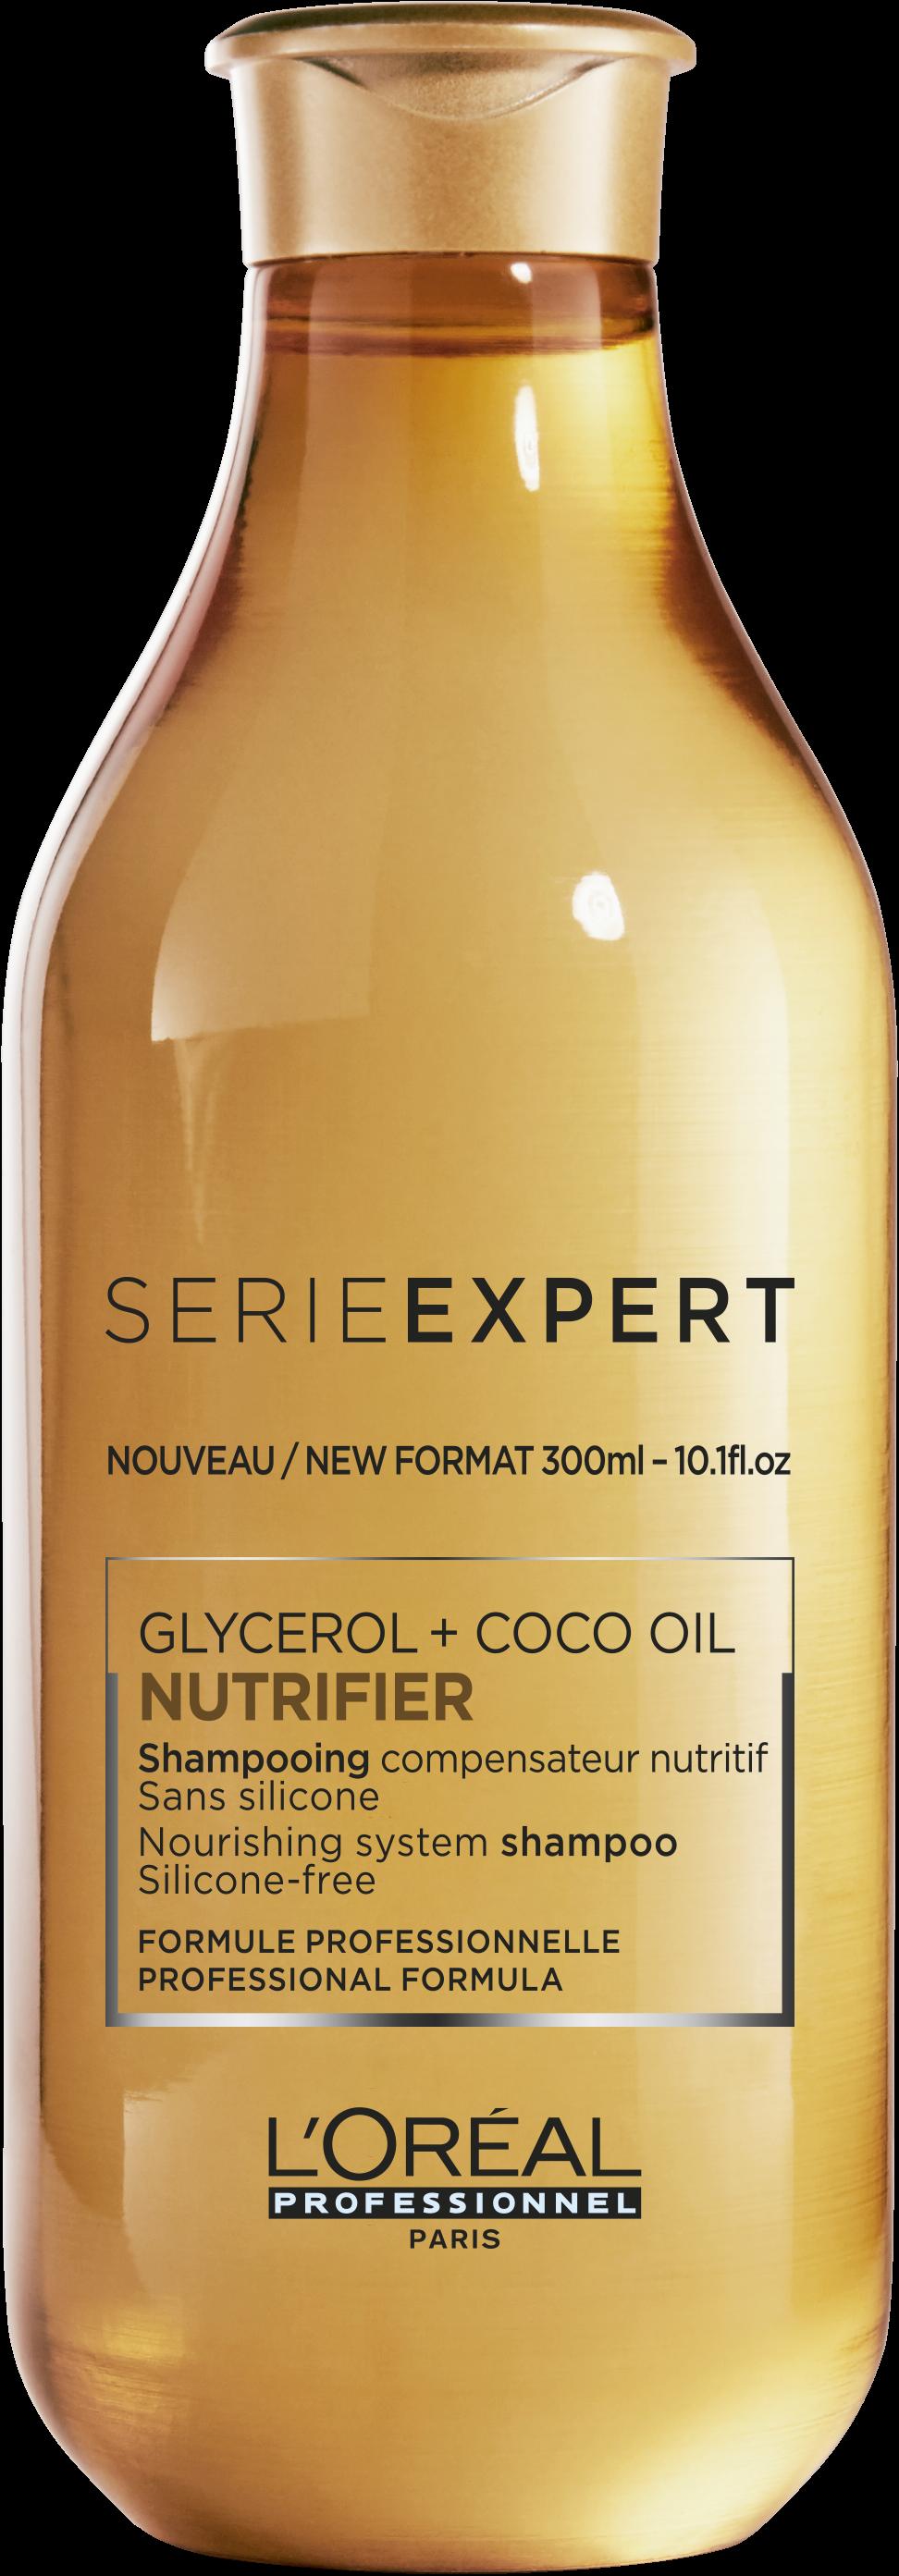 L'Oreal Professionnel Шампунь Nutrifier для Сухих Волос, 300 мл разглаживающие средства для волос отзывы